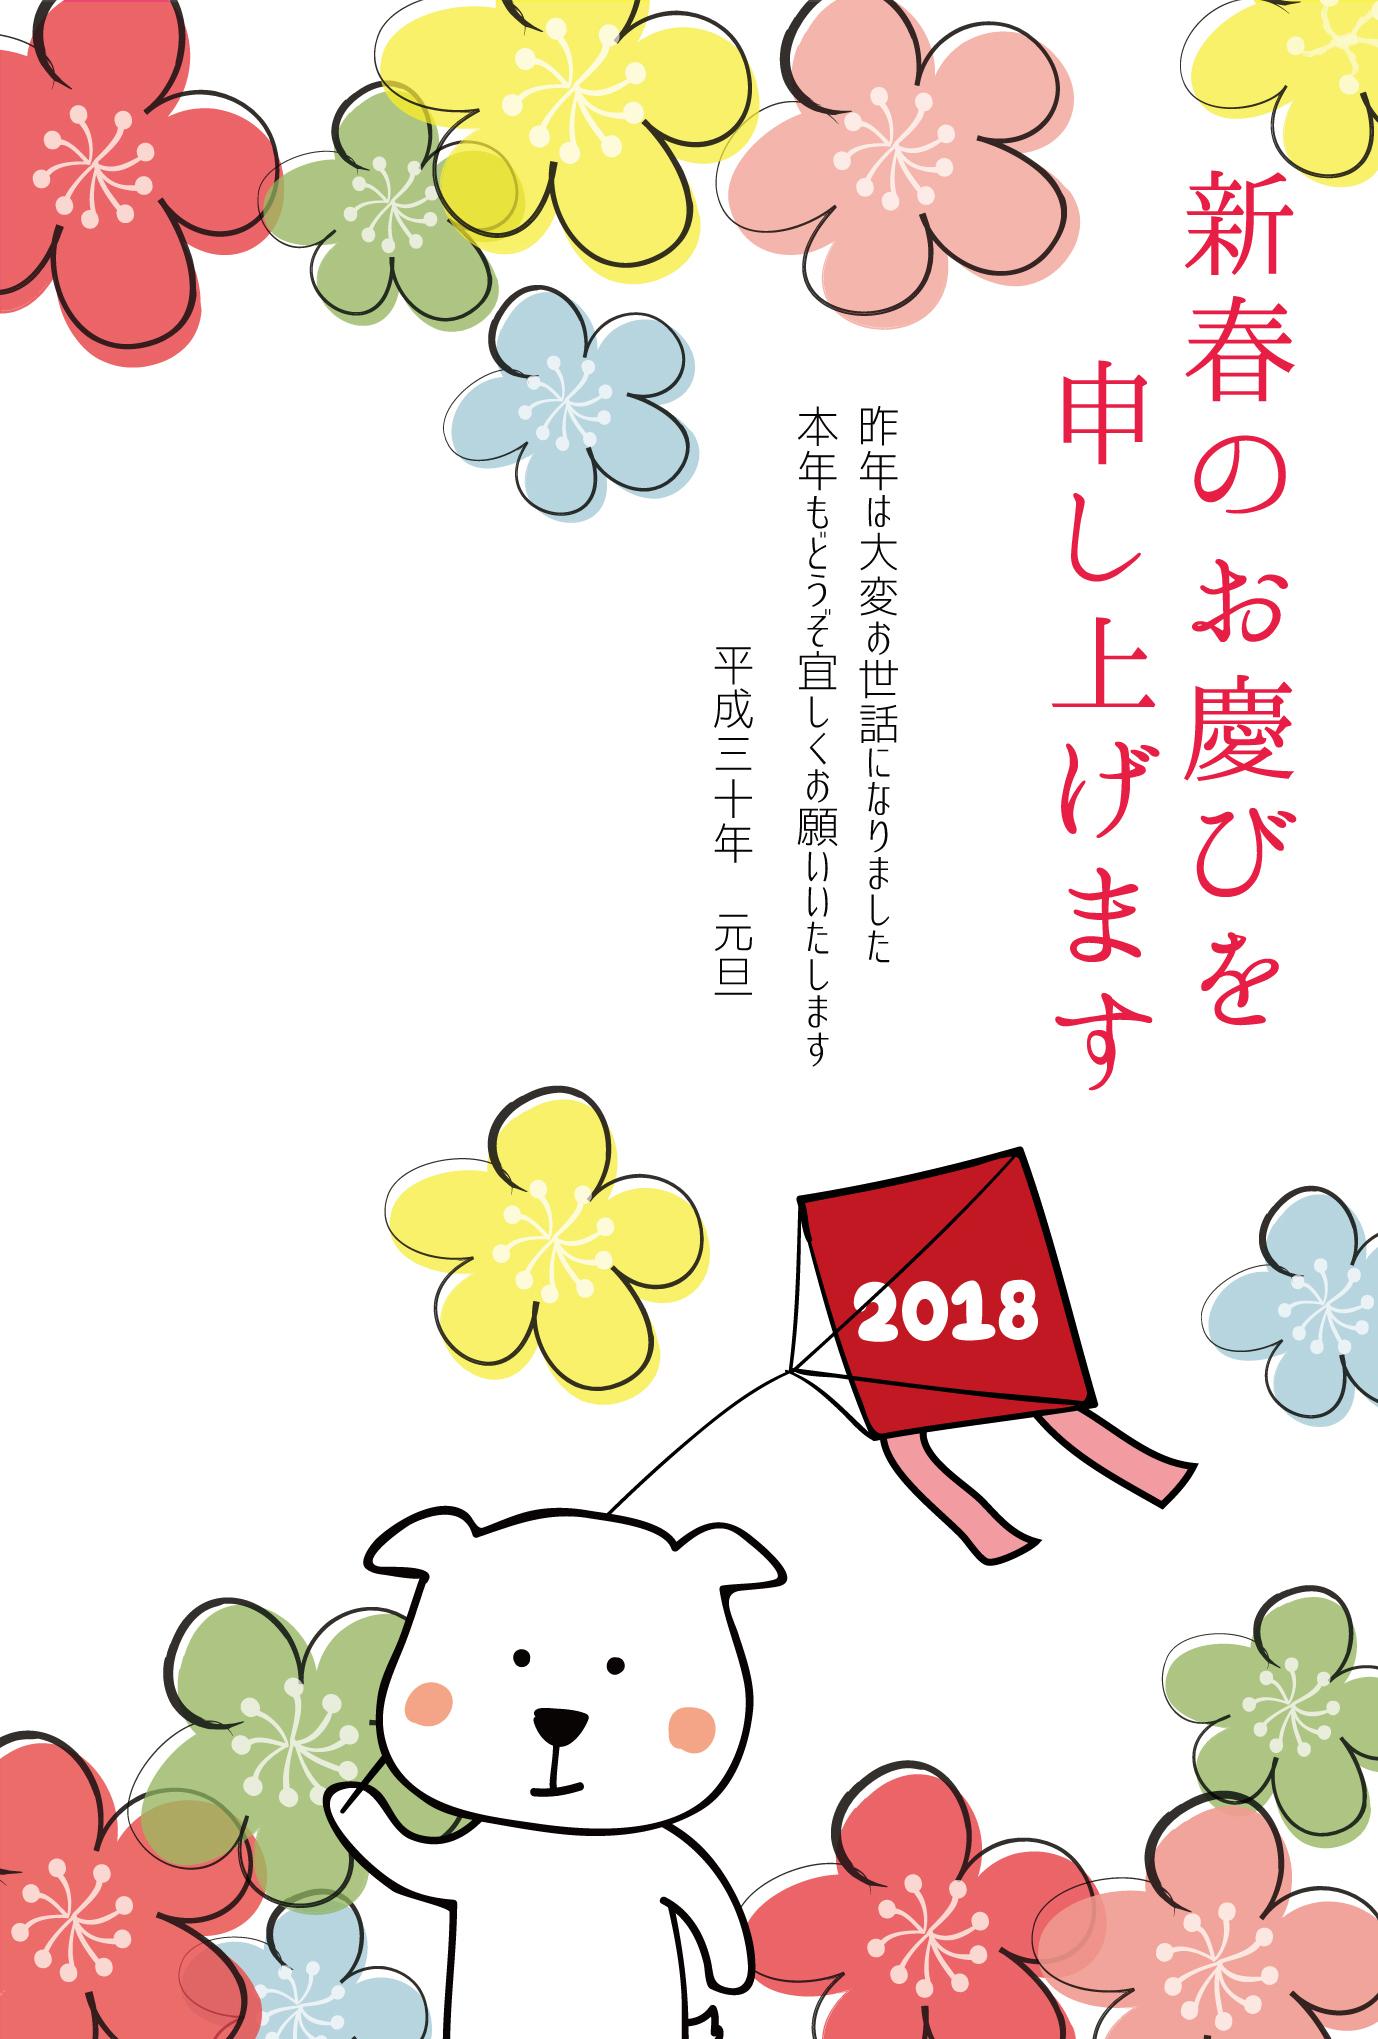 年賀状テンプレート「戌(いぬ)」わんことカラフルな梅ダウンロード